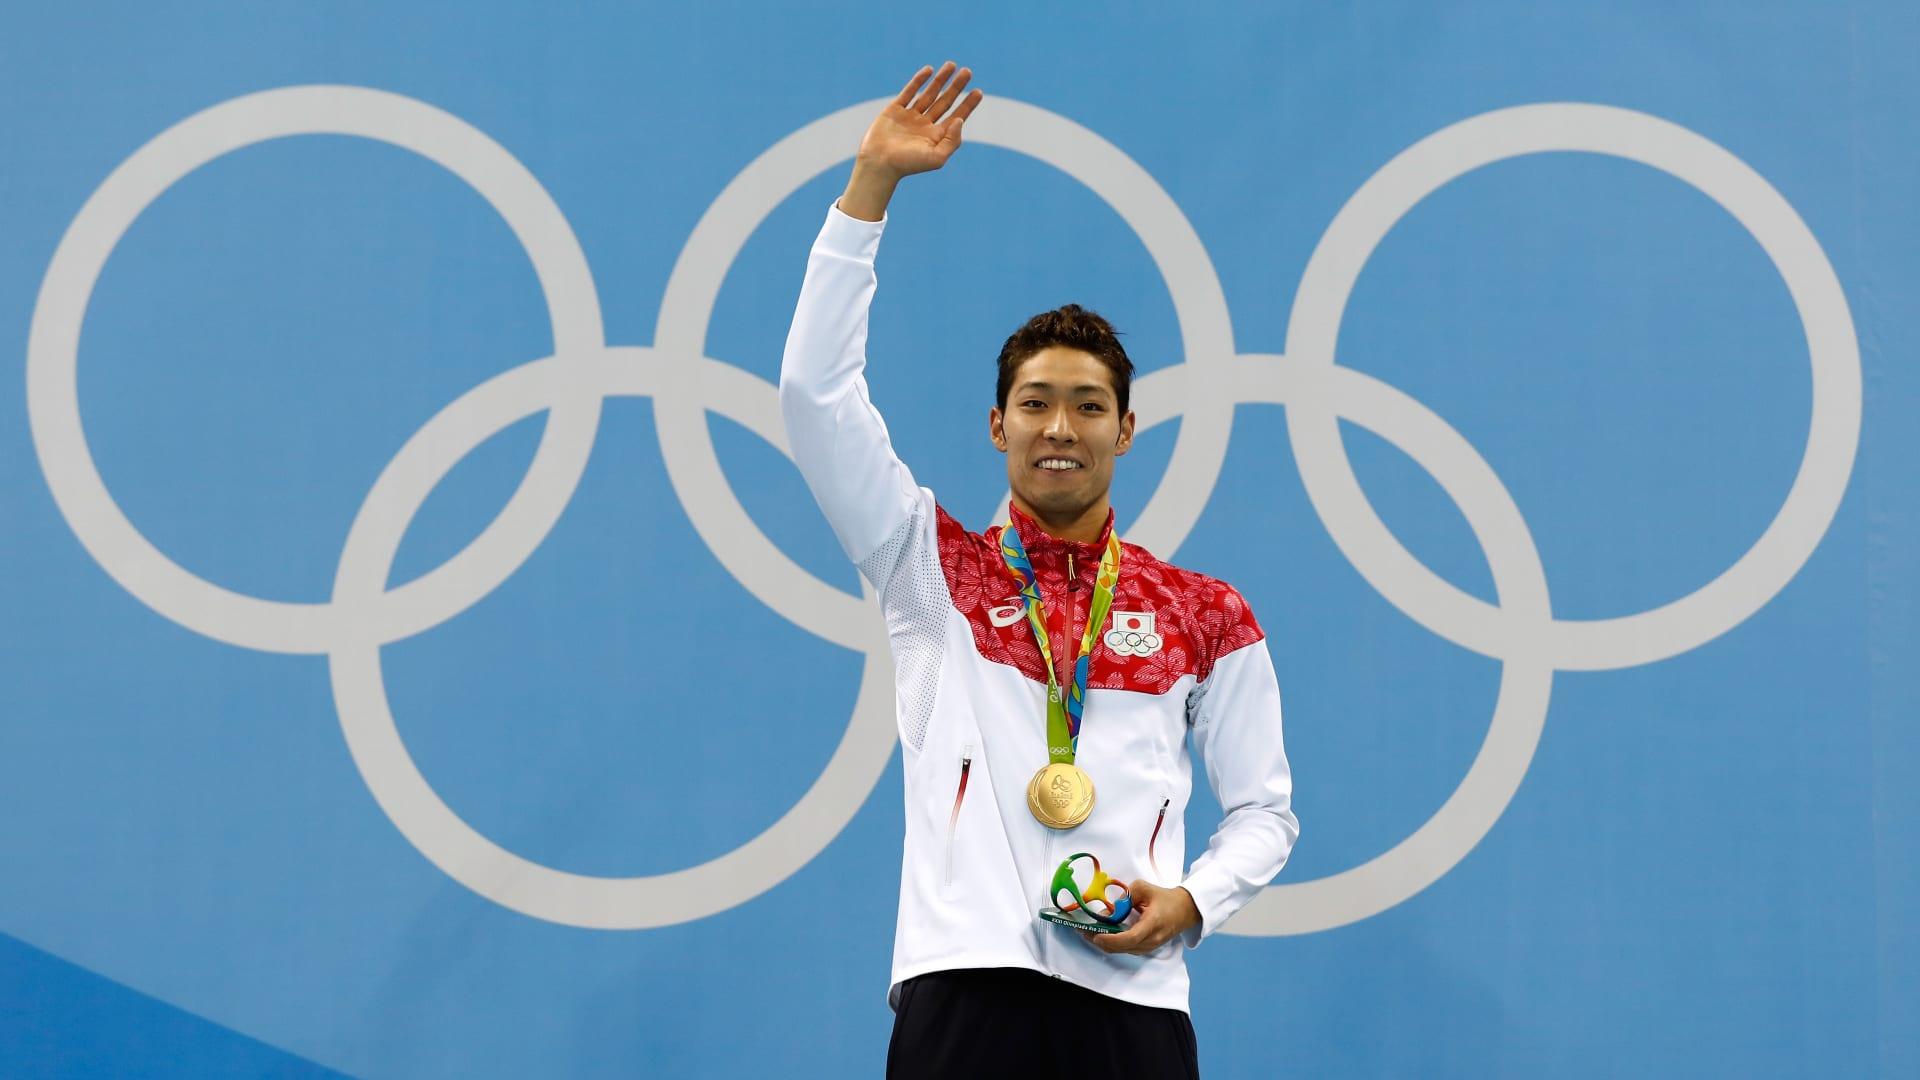 La leyenda de la natación japonesa Hagino Kosuke se retira